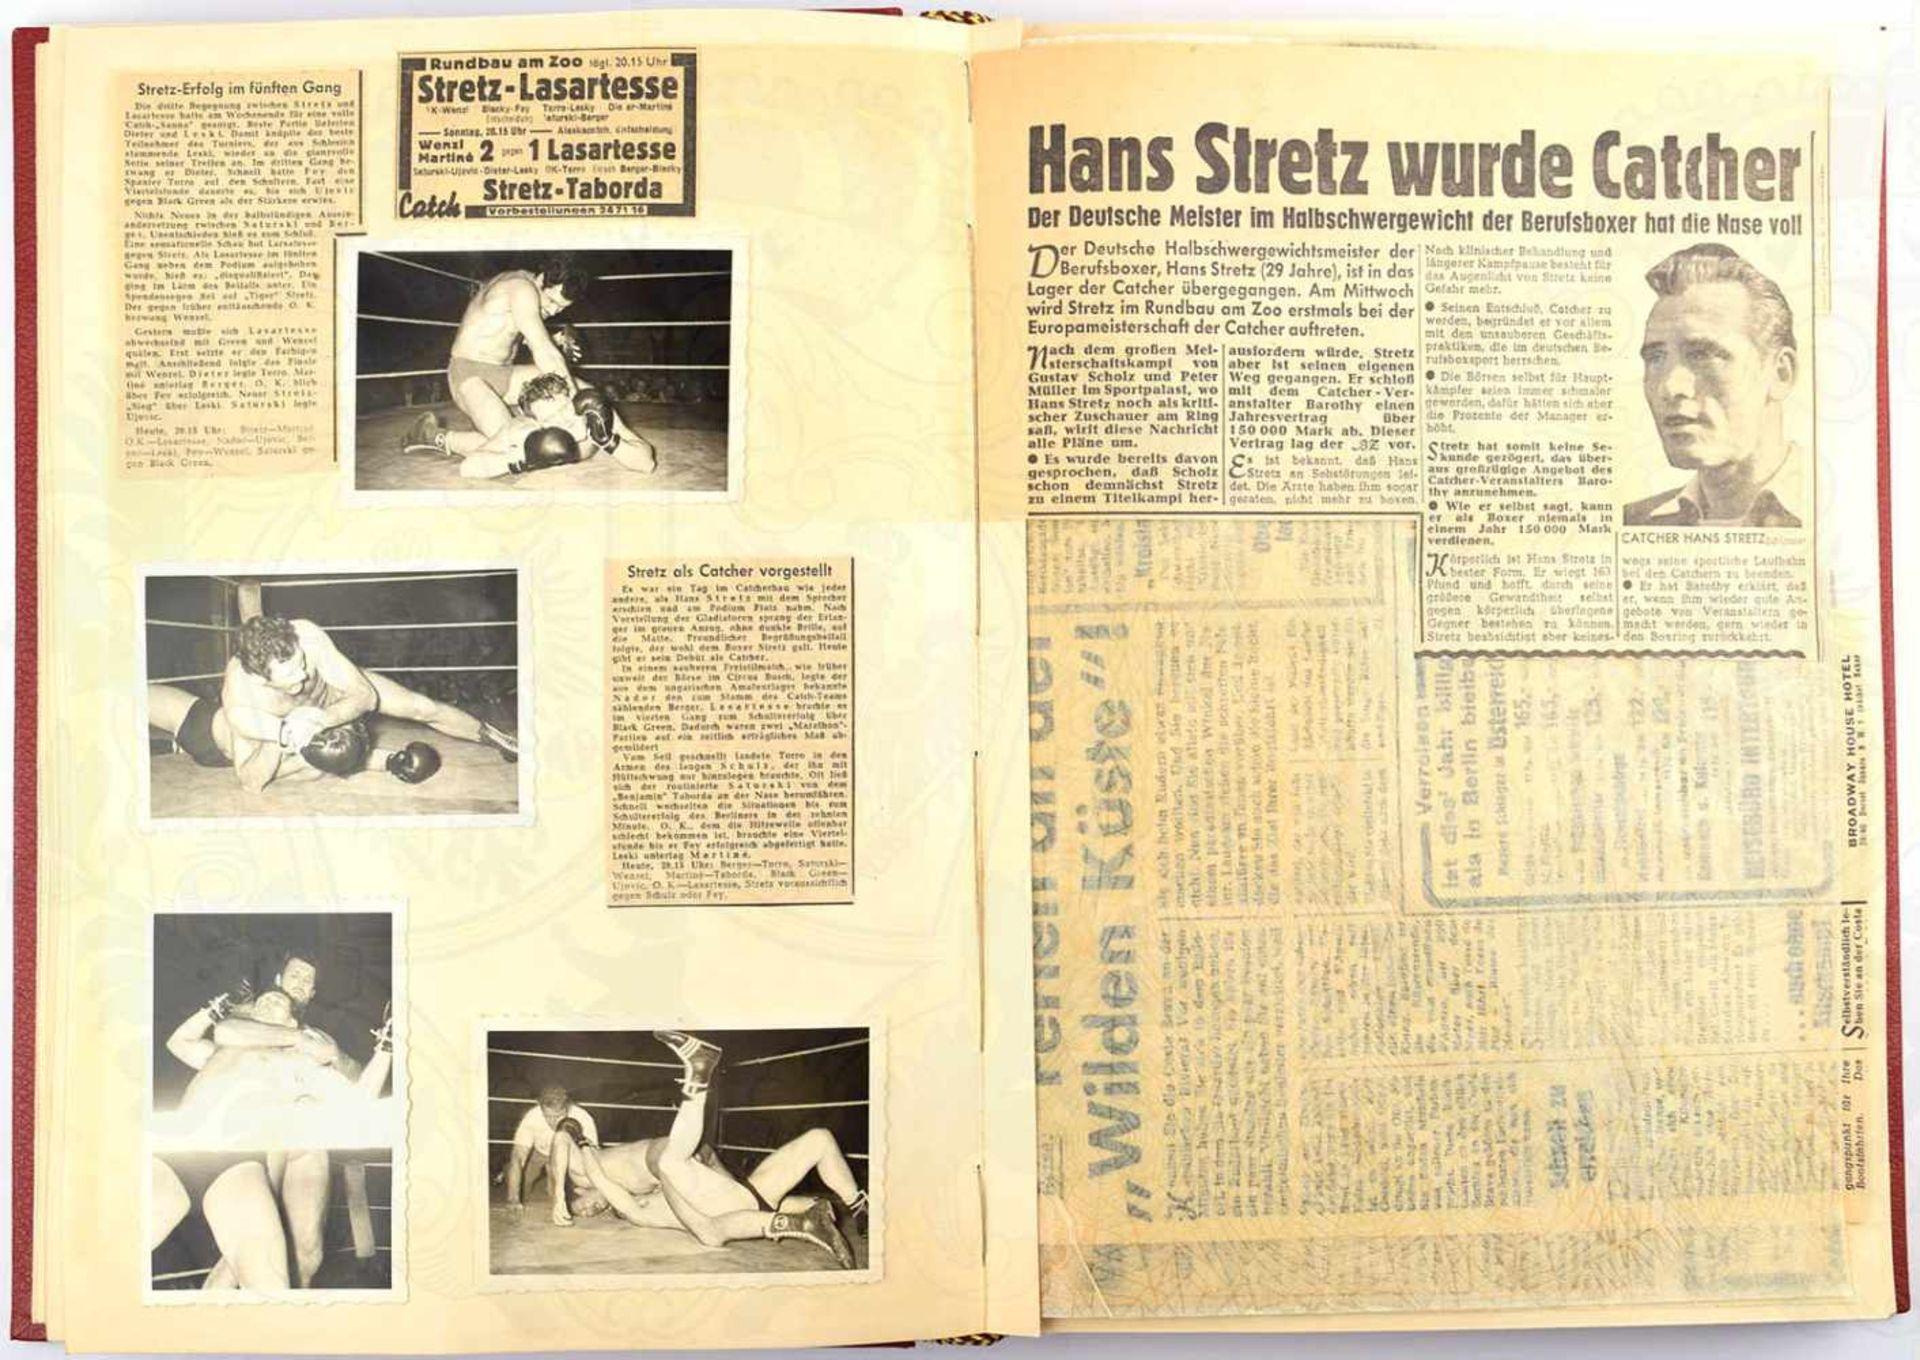 ERINNERUNGSALBUM CATCH BERLIN 1956, großf. gld.gepr. Leder, m. ca. 160 Fotos u. weiteren Druckbilder - Bild 3 aus 4